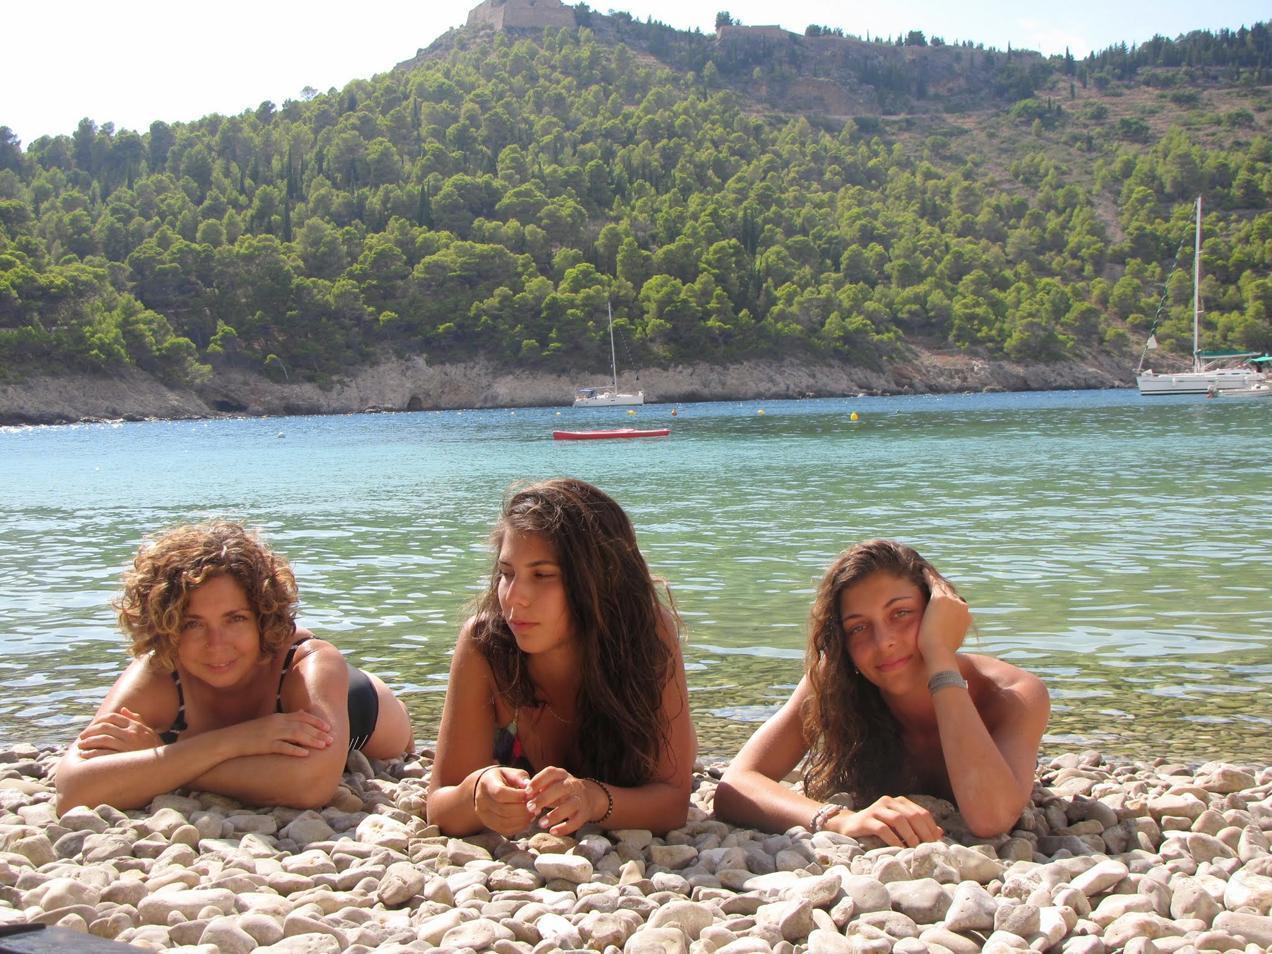 בנות בשפת הים ביוון